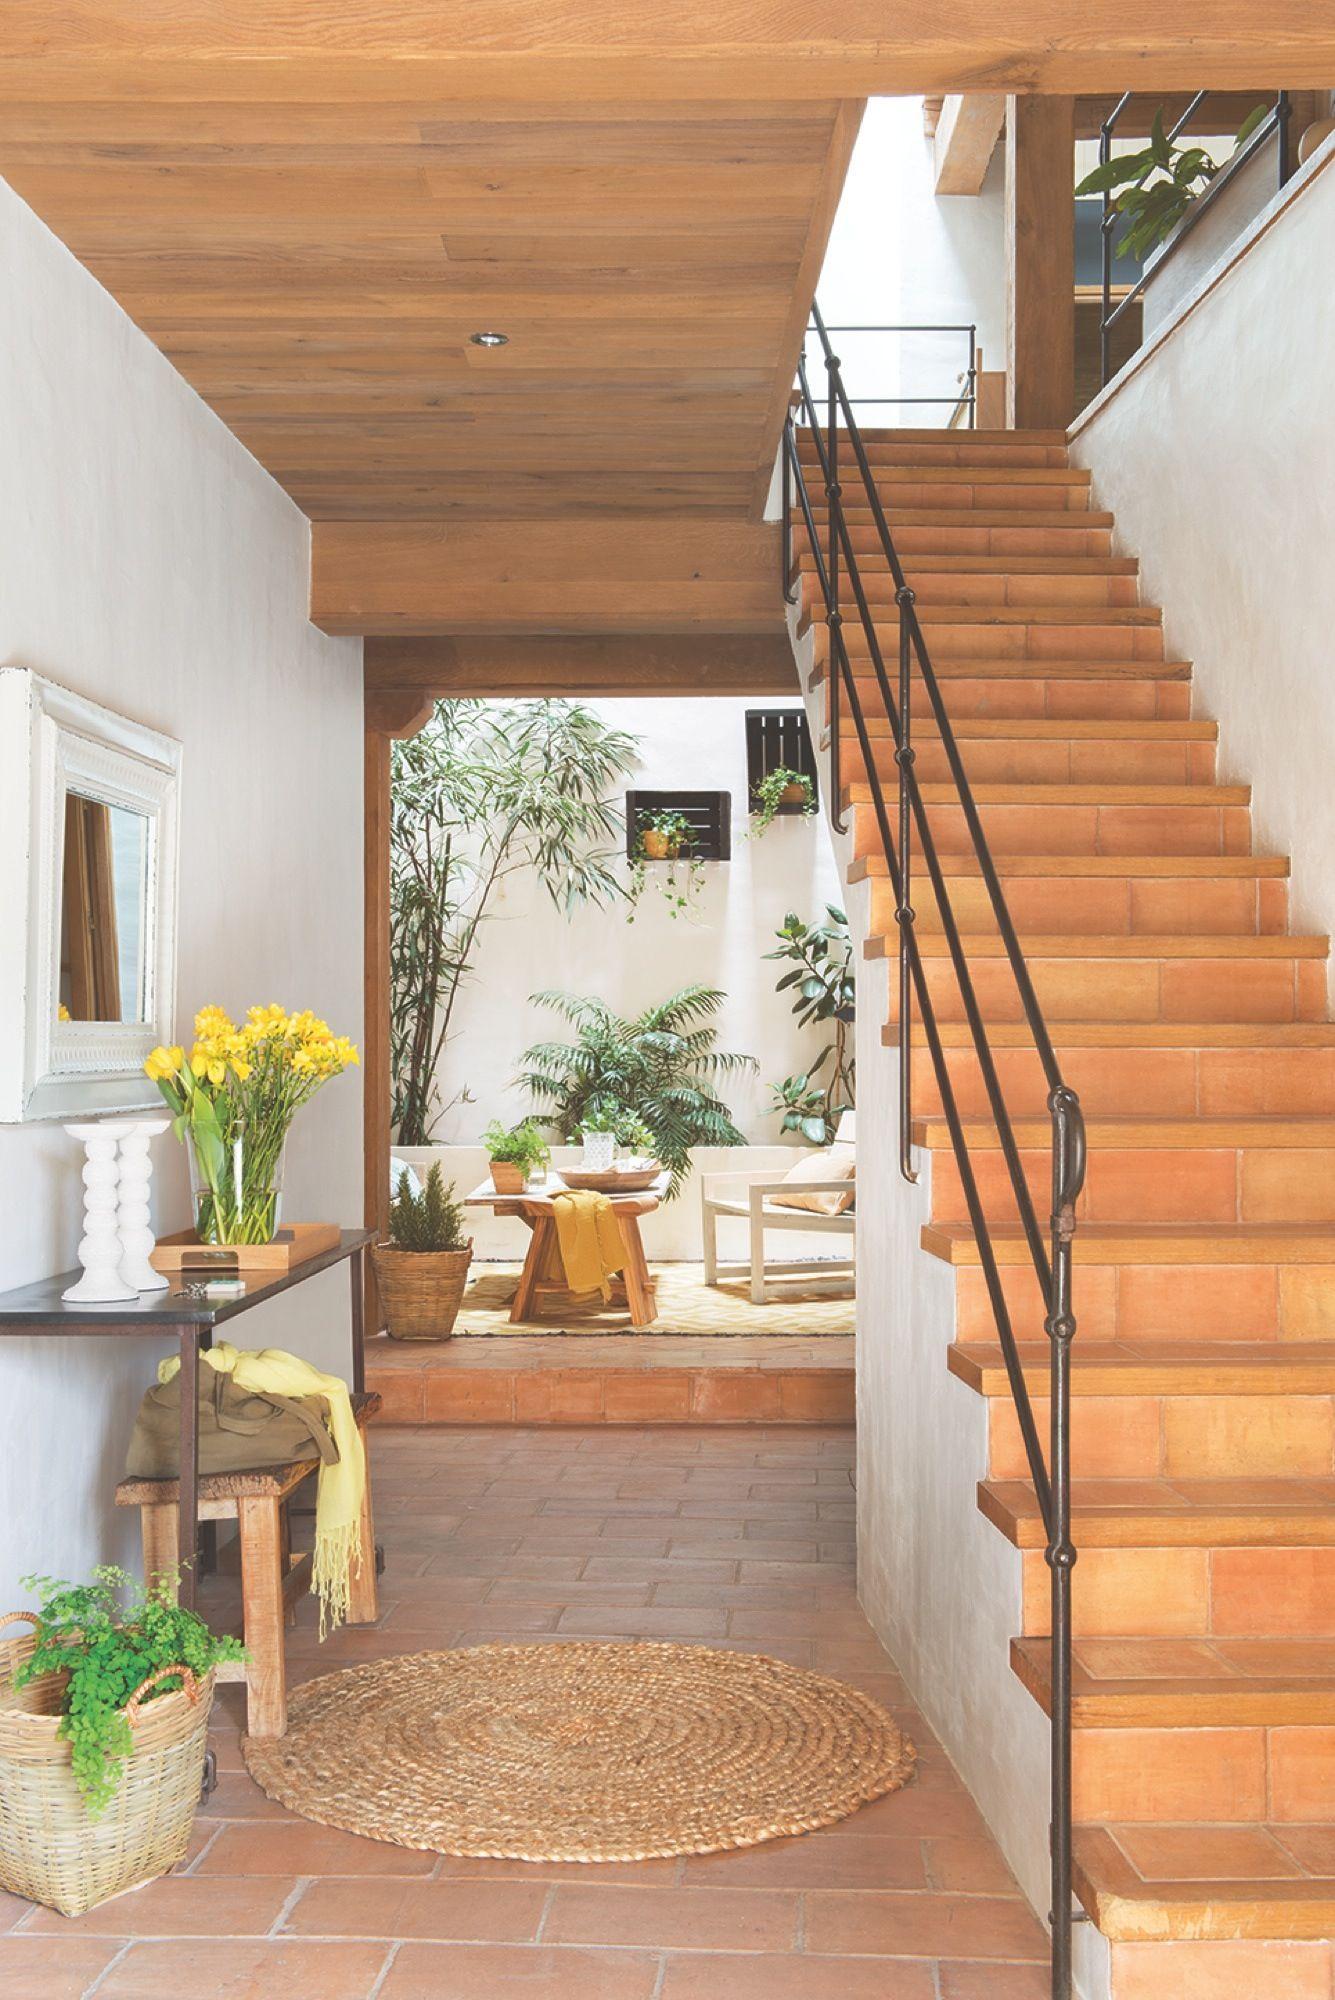 En el recibidor decoraci n artesanal rustica y rural pinterest recibidor casas y escaleras - Escalera decorativa zara home ...